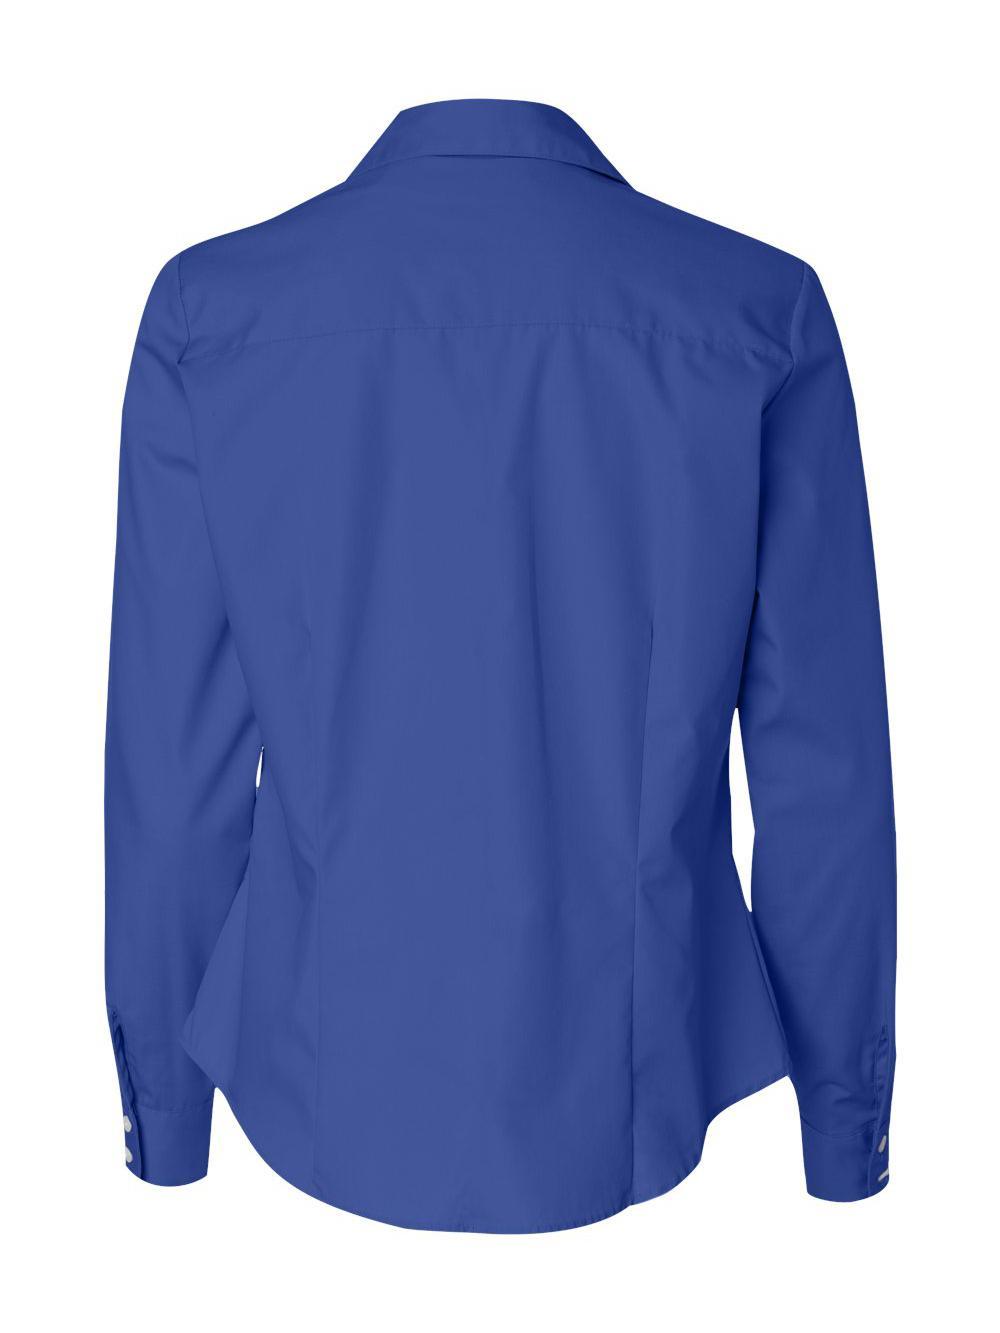 Van-Heusen-Women-039-s-Silky-Poplin-Shirt-13V0114 thumbnail 10